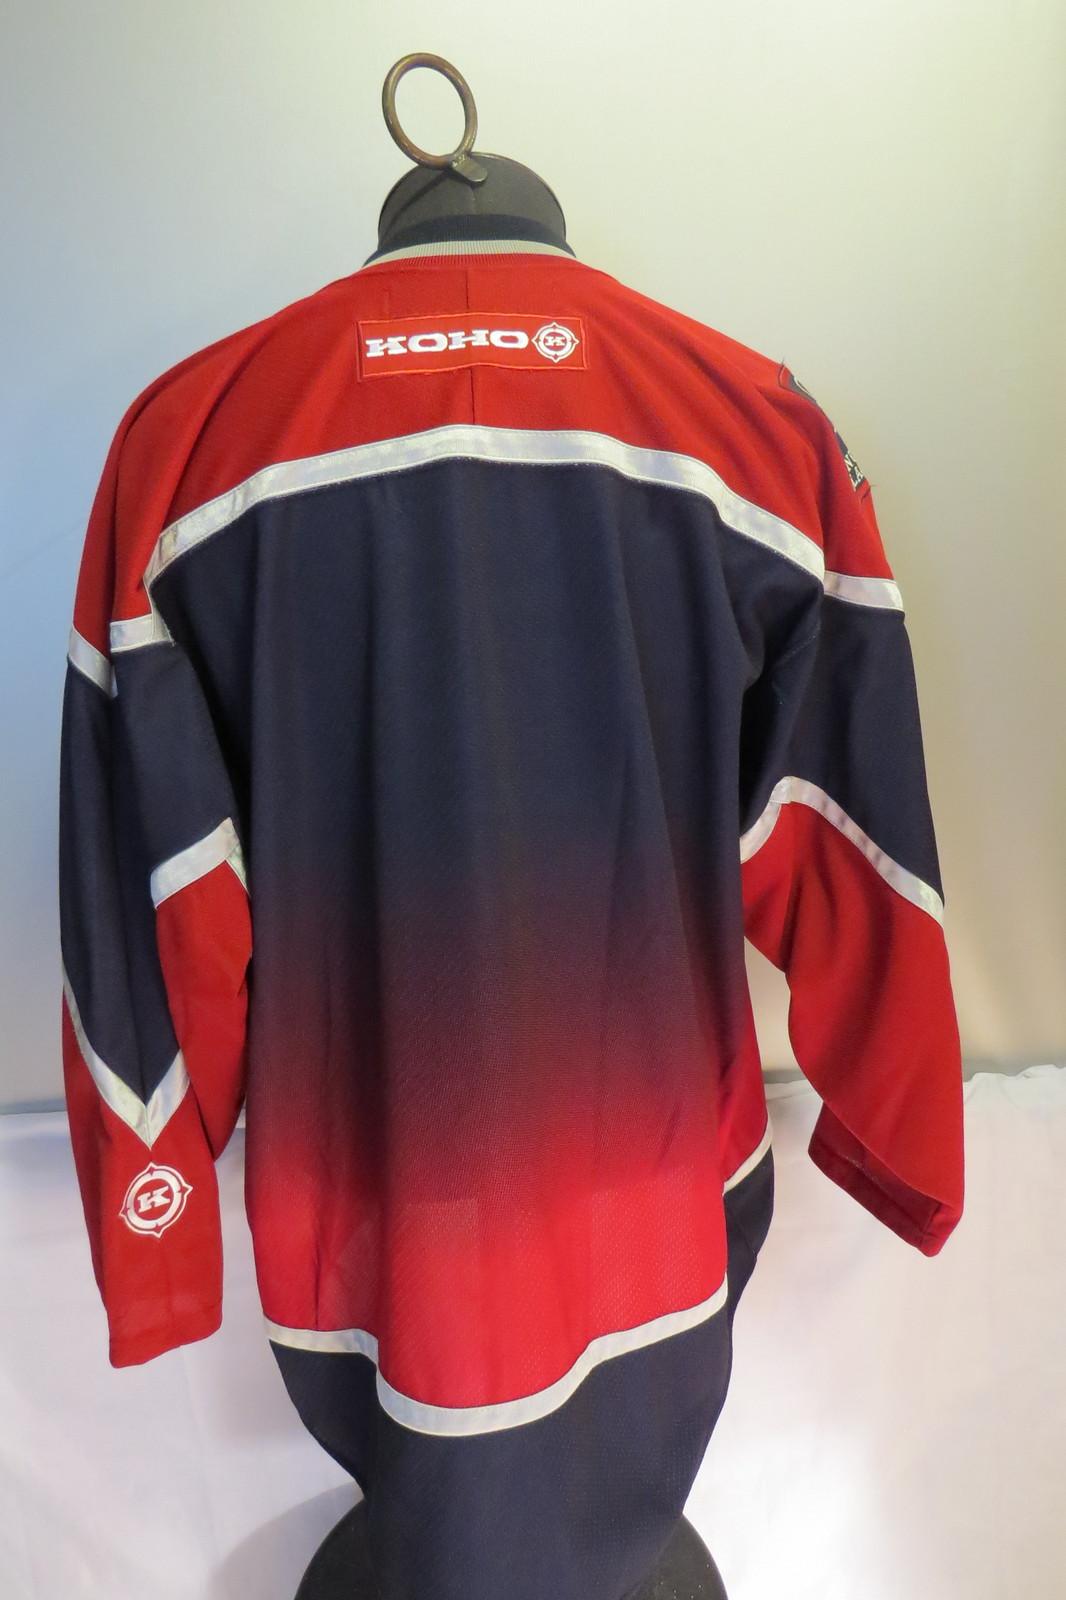 a4517559abd Vancouver Canucks Jersey (Retro) - Alternate 3rd Jersey - By Koho - Men's XL